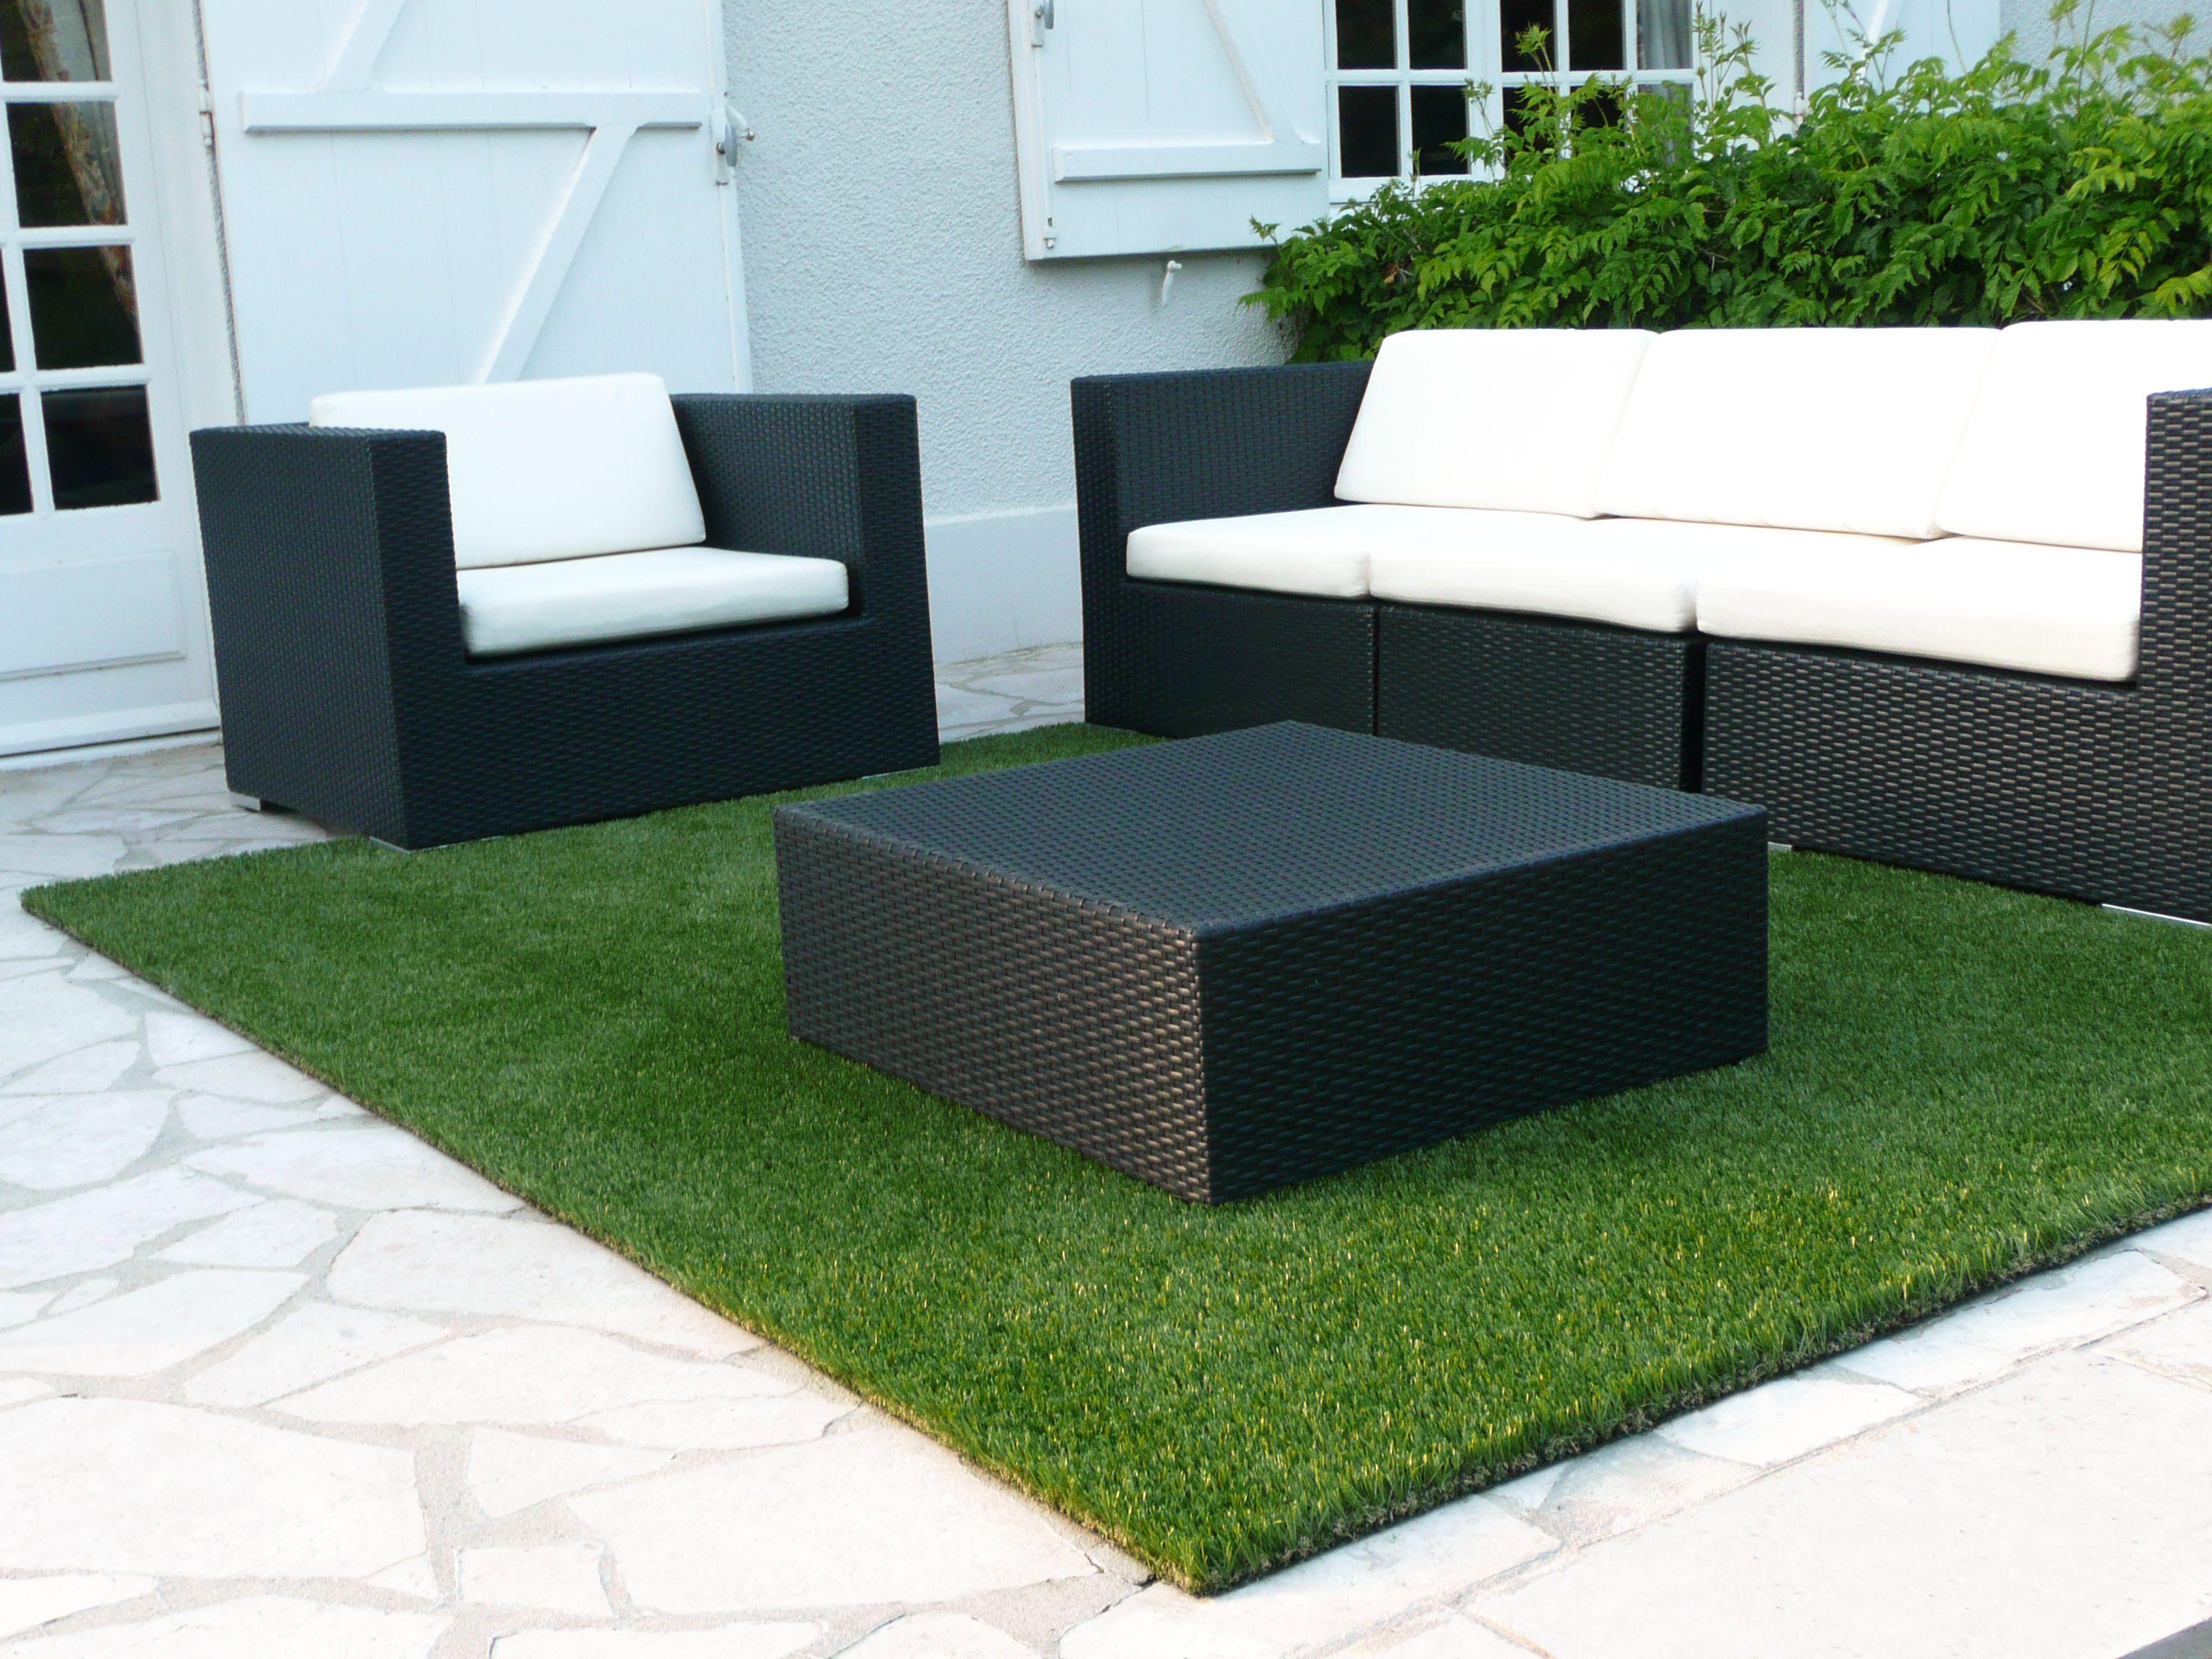 le vert s 39 invite partout m me sur cette terrasse avec ce. Black Bedroom Furniture Sets. Home Design Ideas